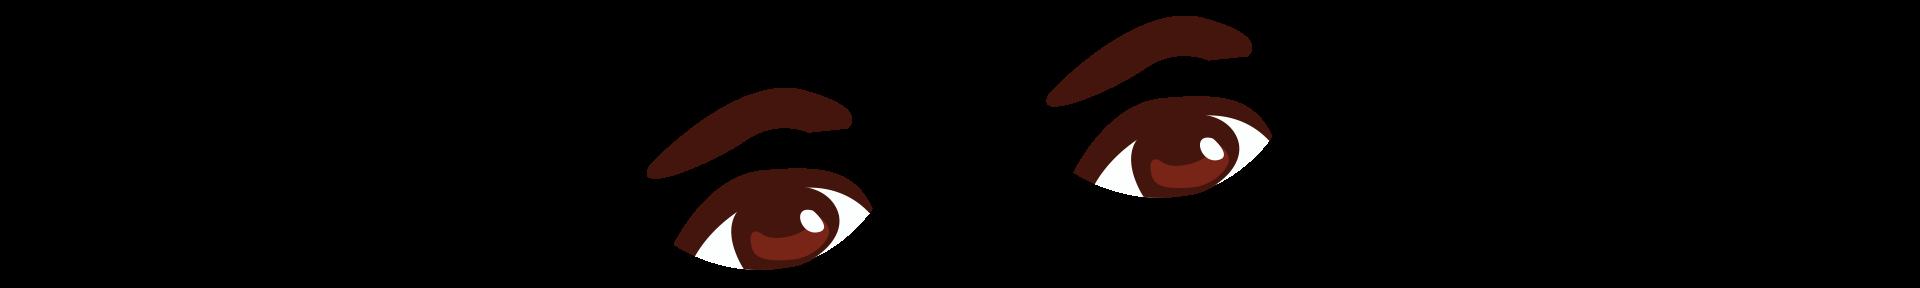 Floating eyes